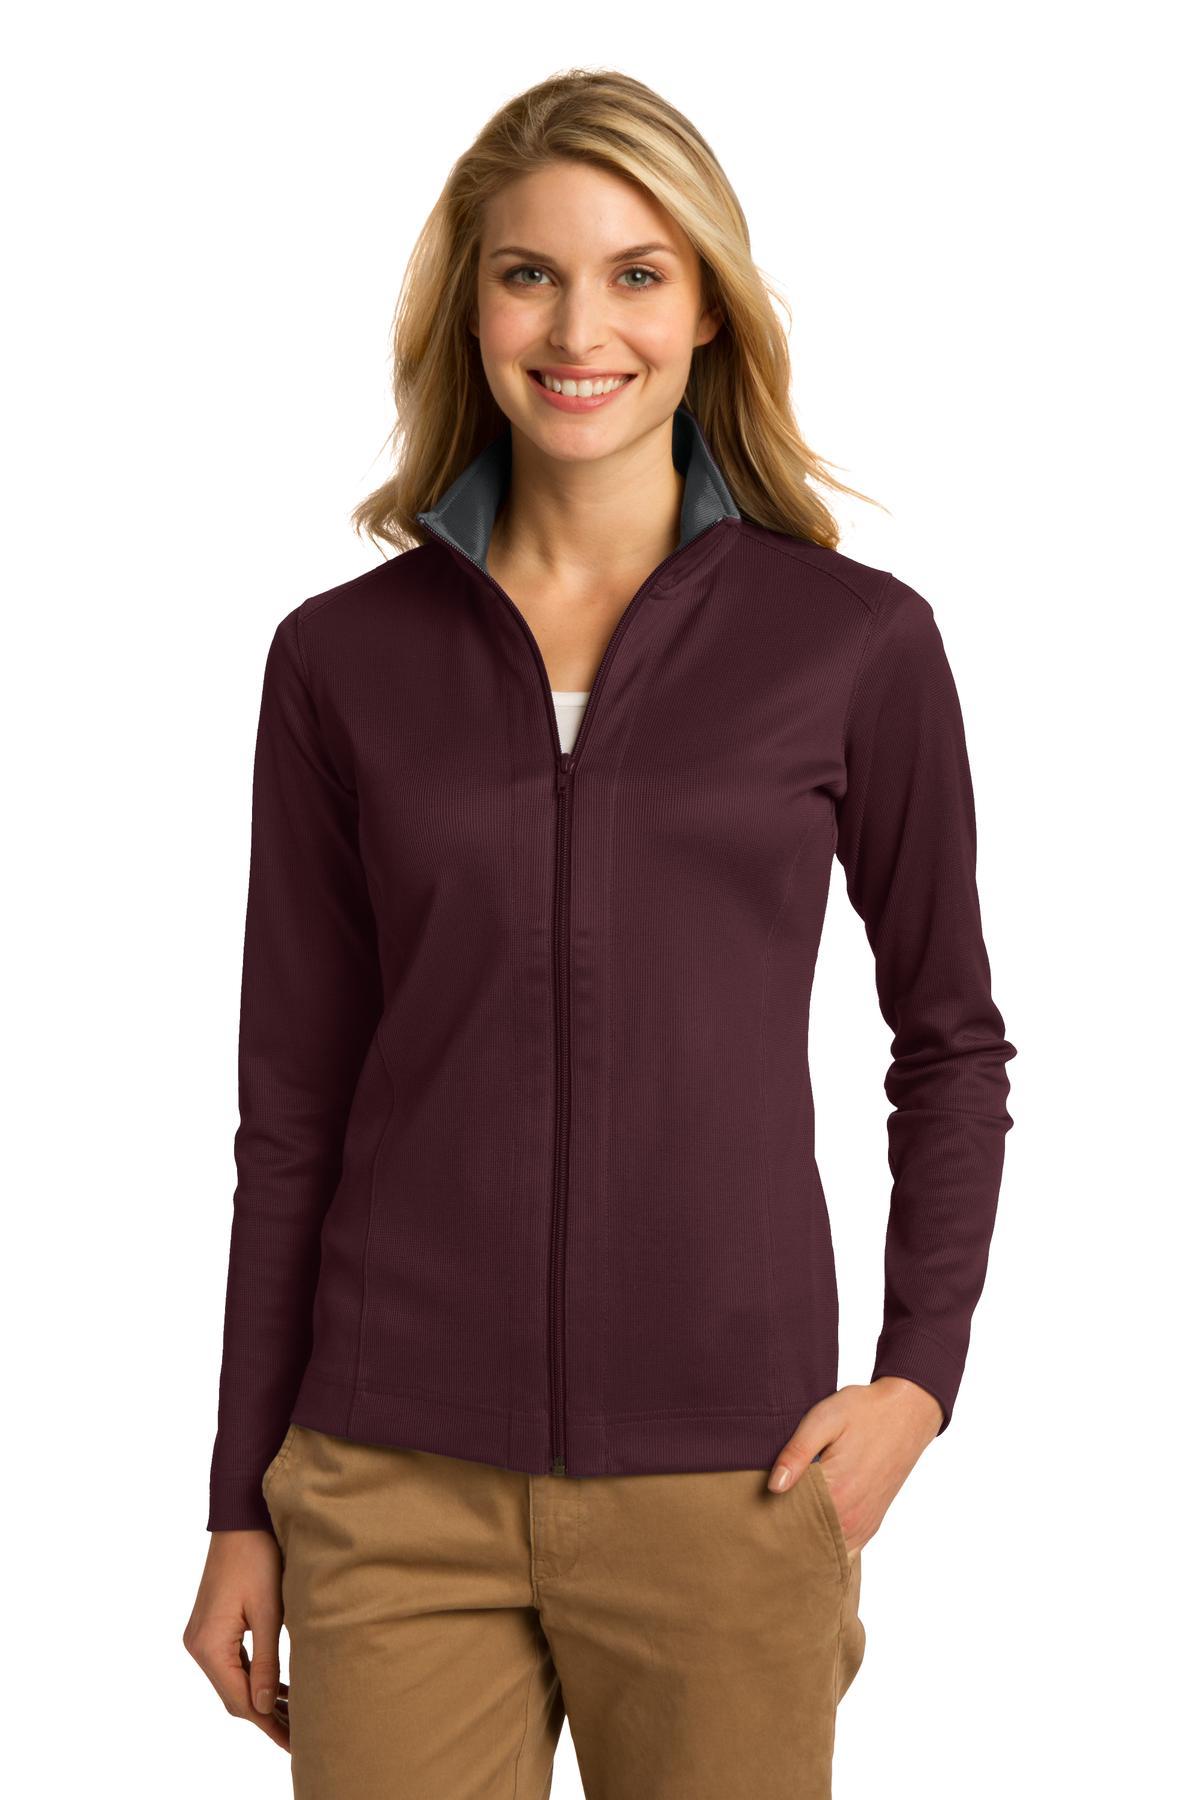 In-Stock Women's Jackets